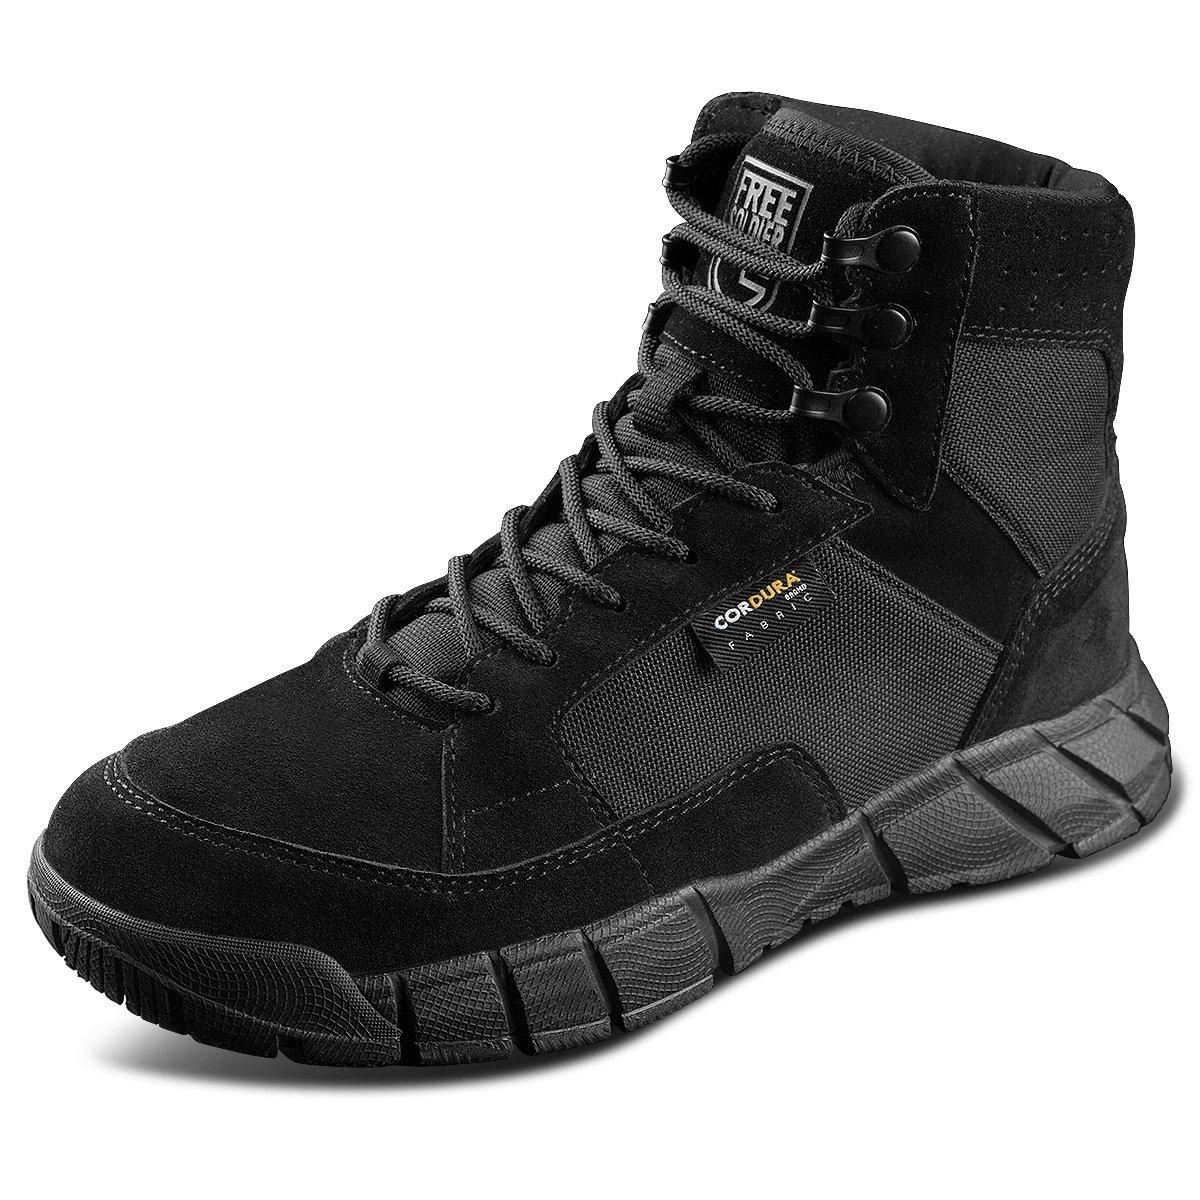 Free Soldier Outdoor 2da Generación Hombre Storm Transpirable Durable Zapatos de Cordones Tácticos Zapatos de Senderismo Zapatos de combate del Ejército Militar(Negro,41) 41|negro